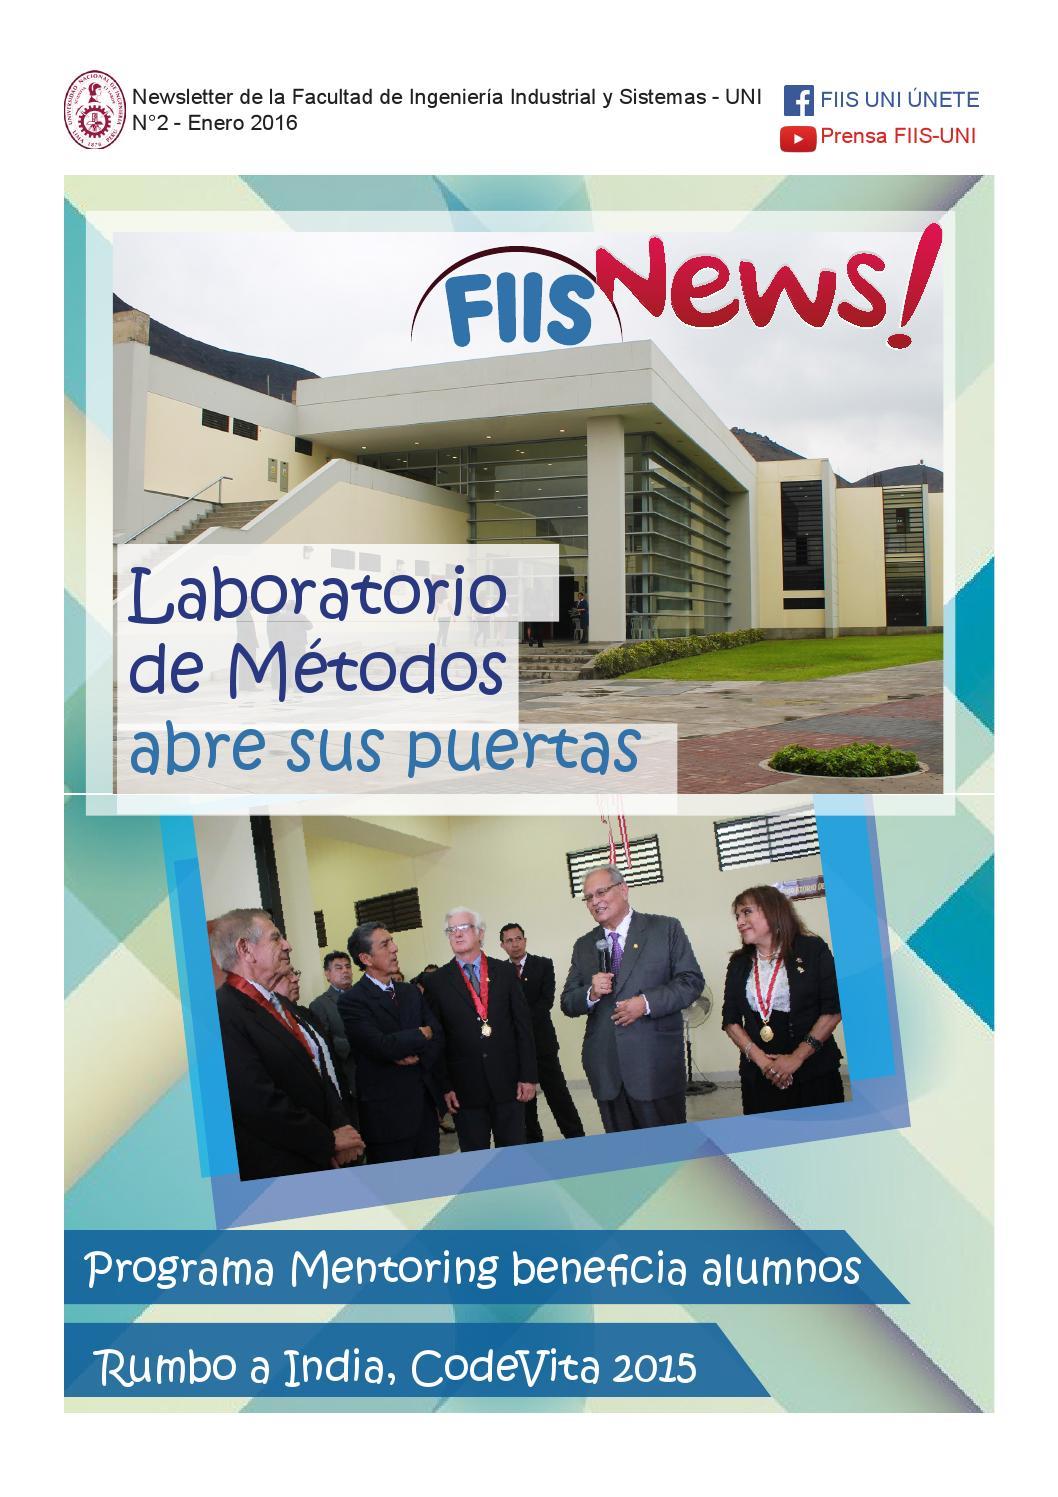 FIISNEWS N°2 by PAC Comunicaciones (Editores revistas, libros de ...